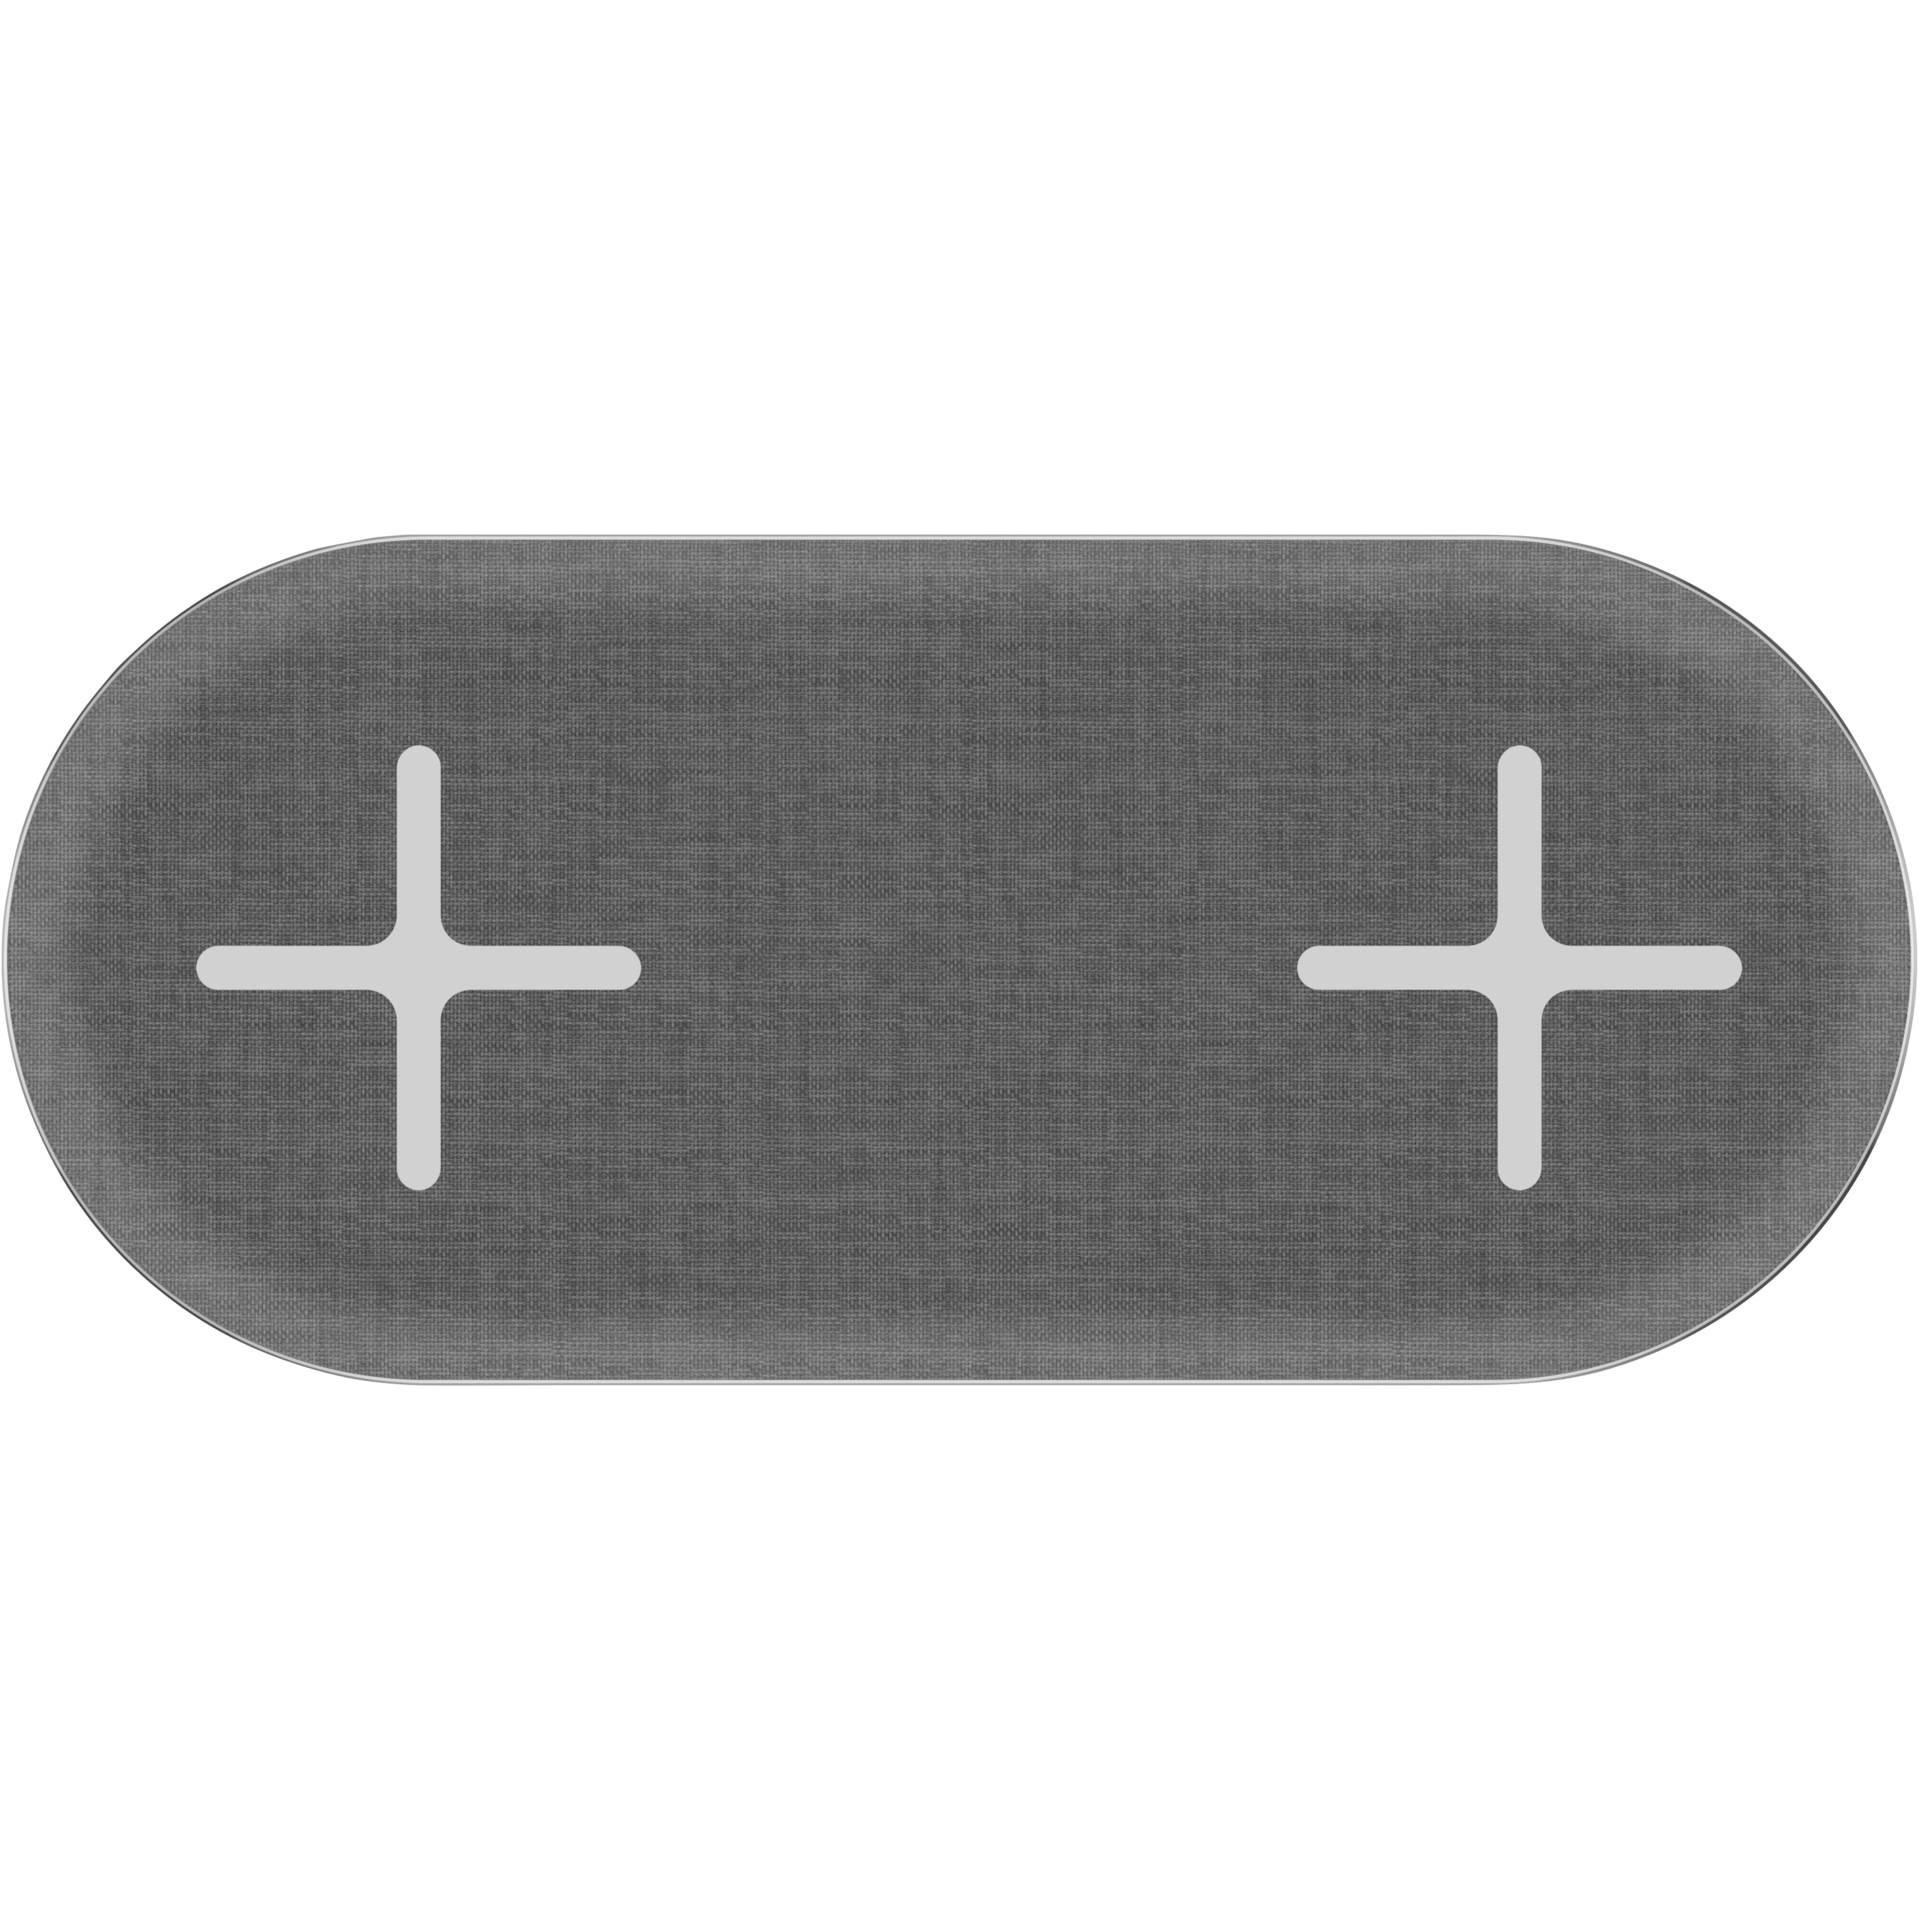 Xlayer Wireless Pad Double Space Grey